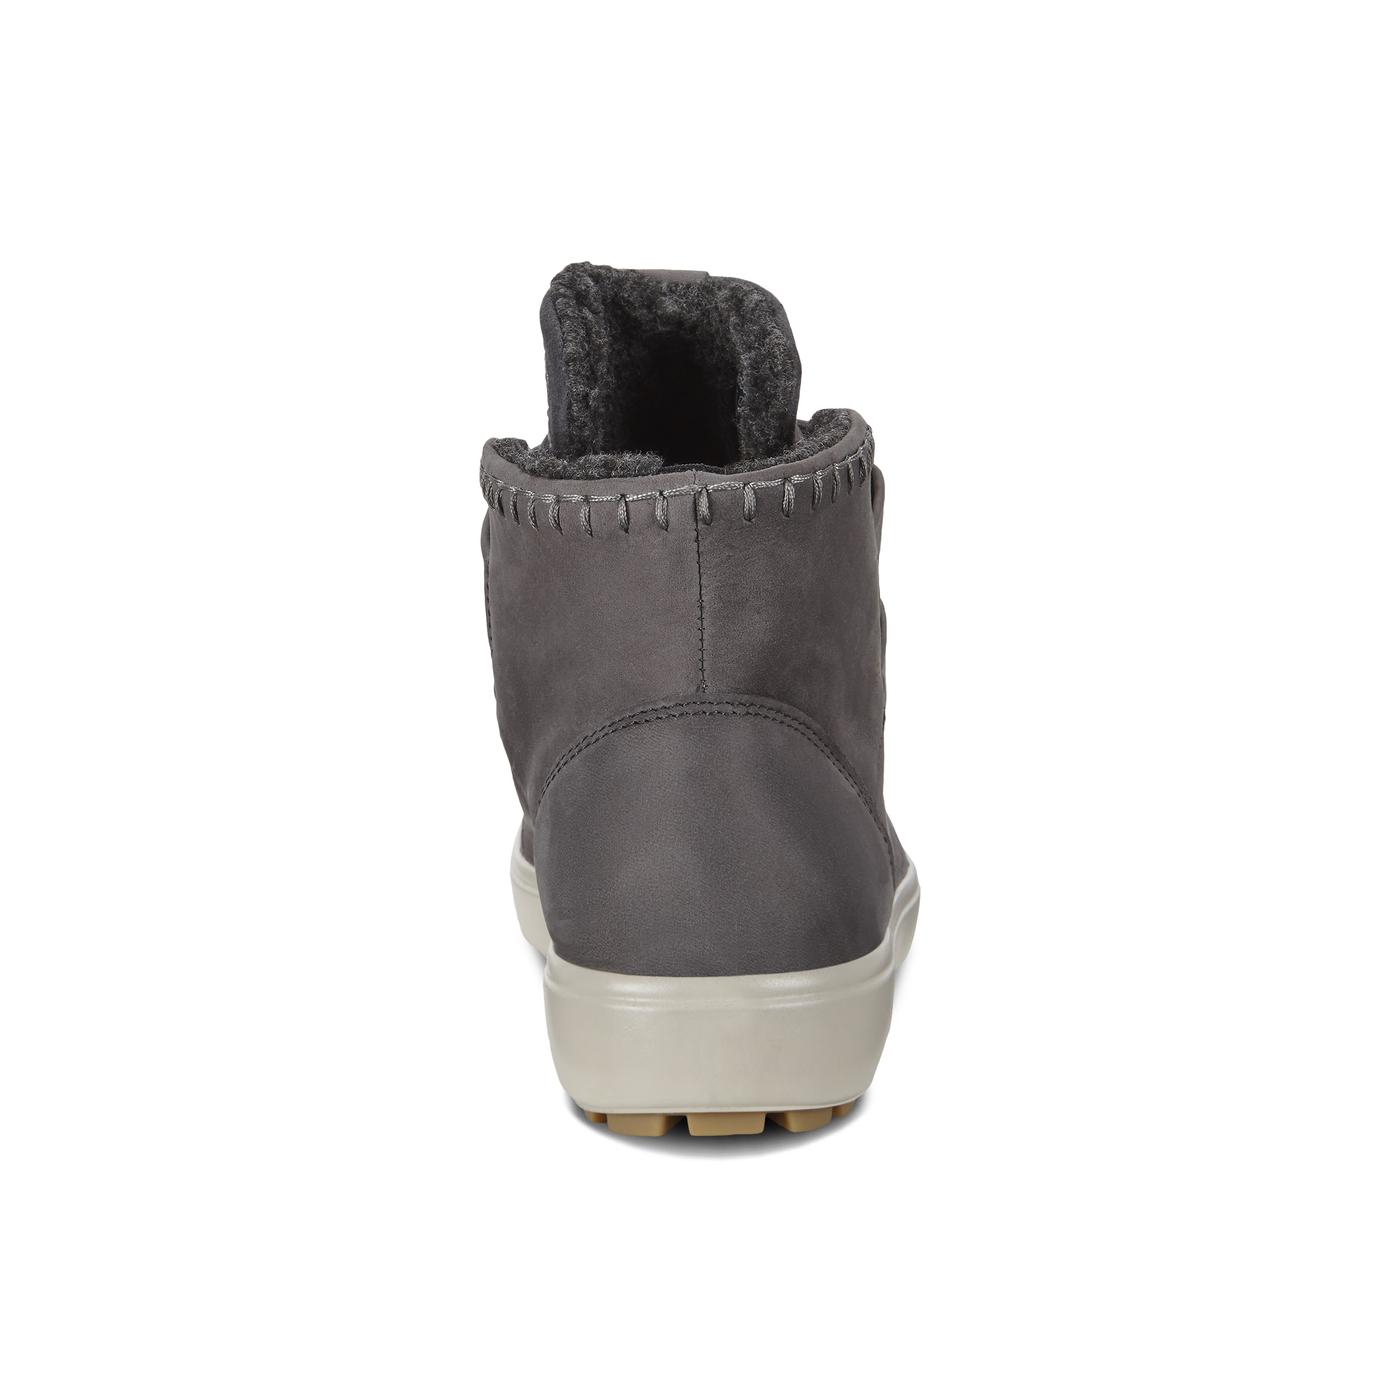 ECCO SOFT 7 Tred W Boot